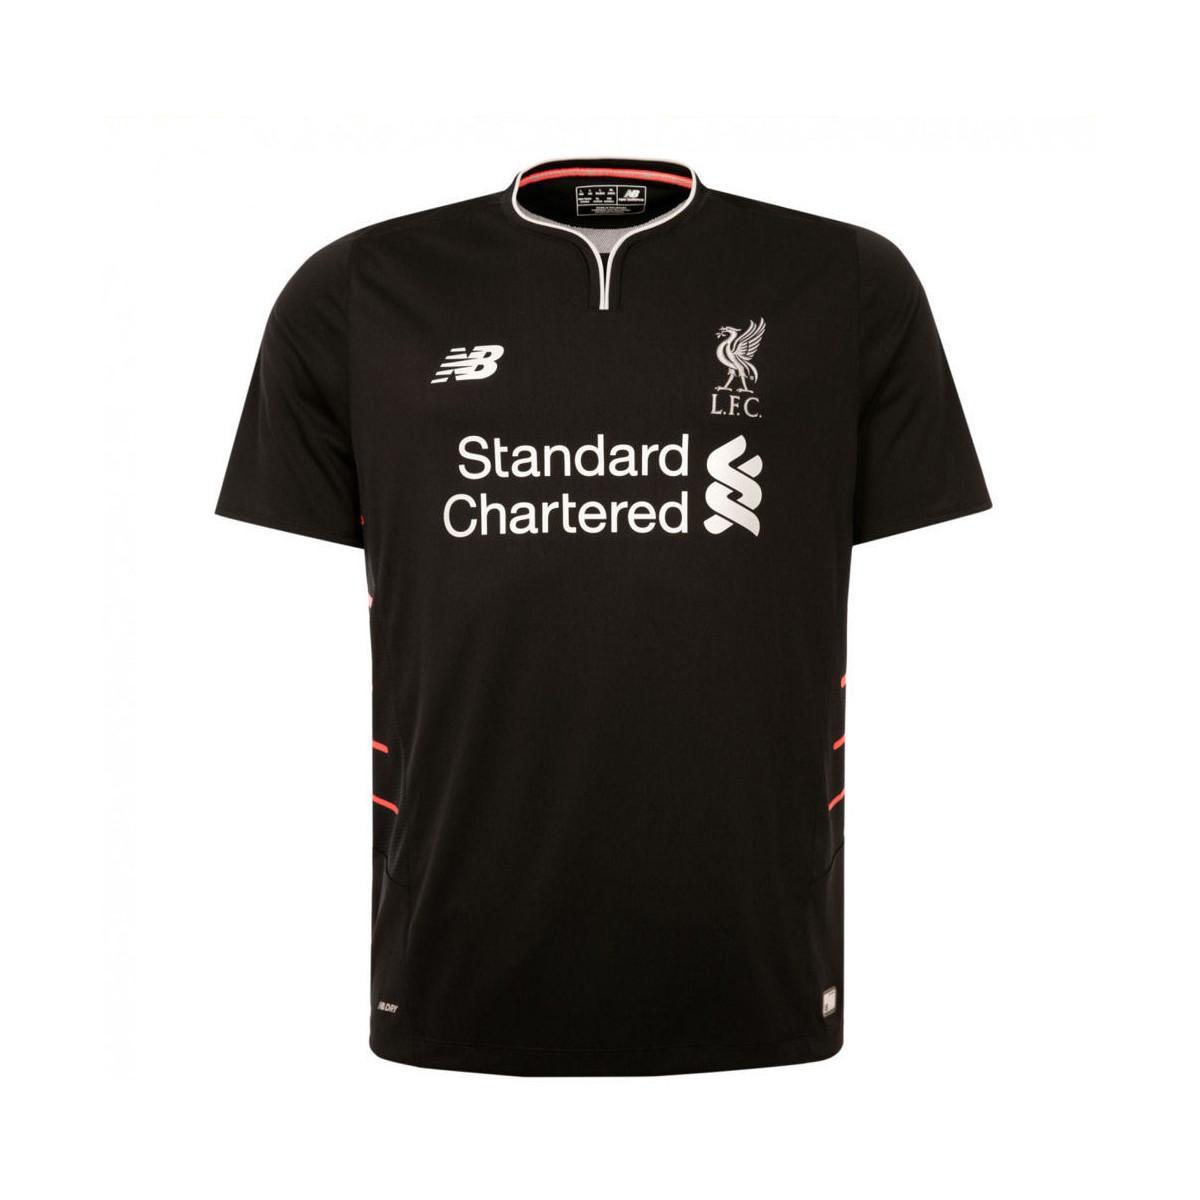 3131bd76a New Balance 2016-2017 Liverpool Away Football Shirt (kids) Women s T ...